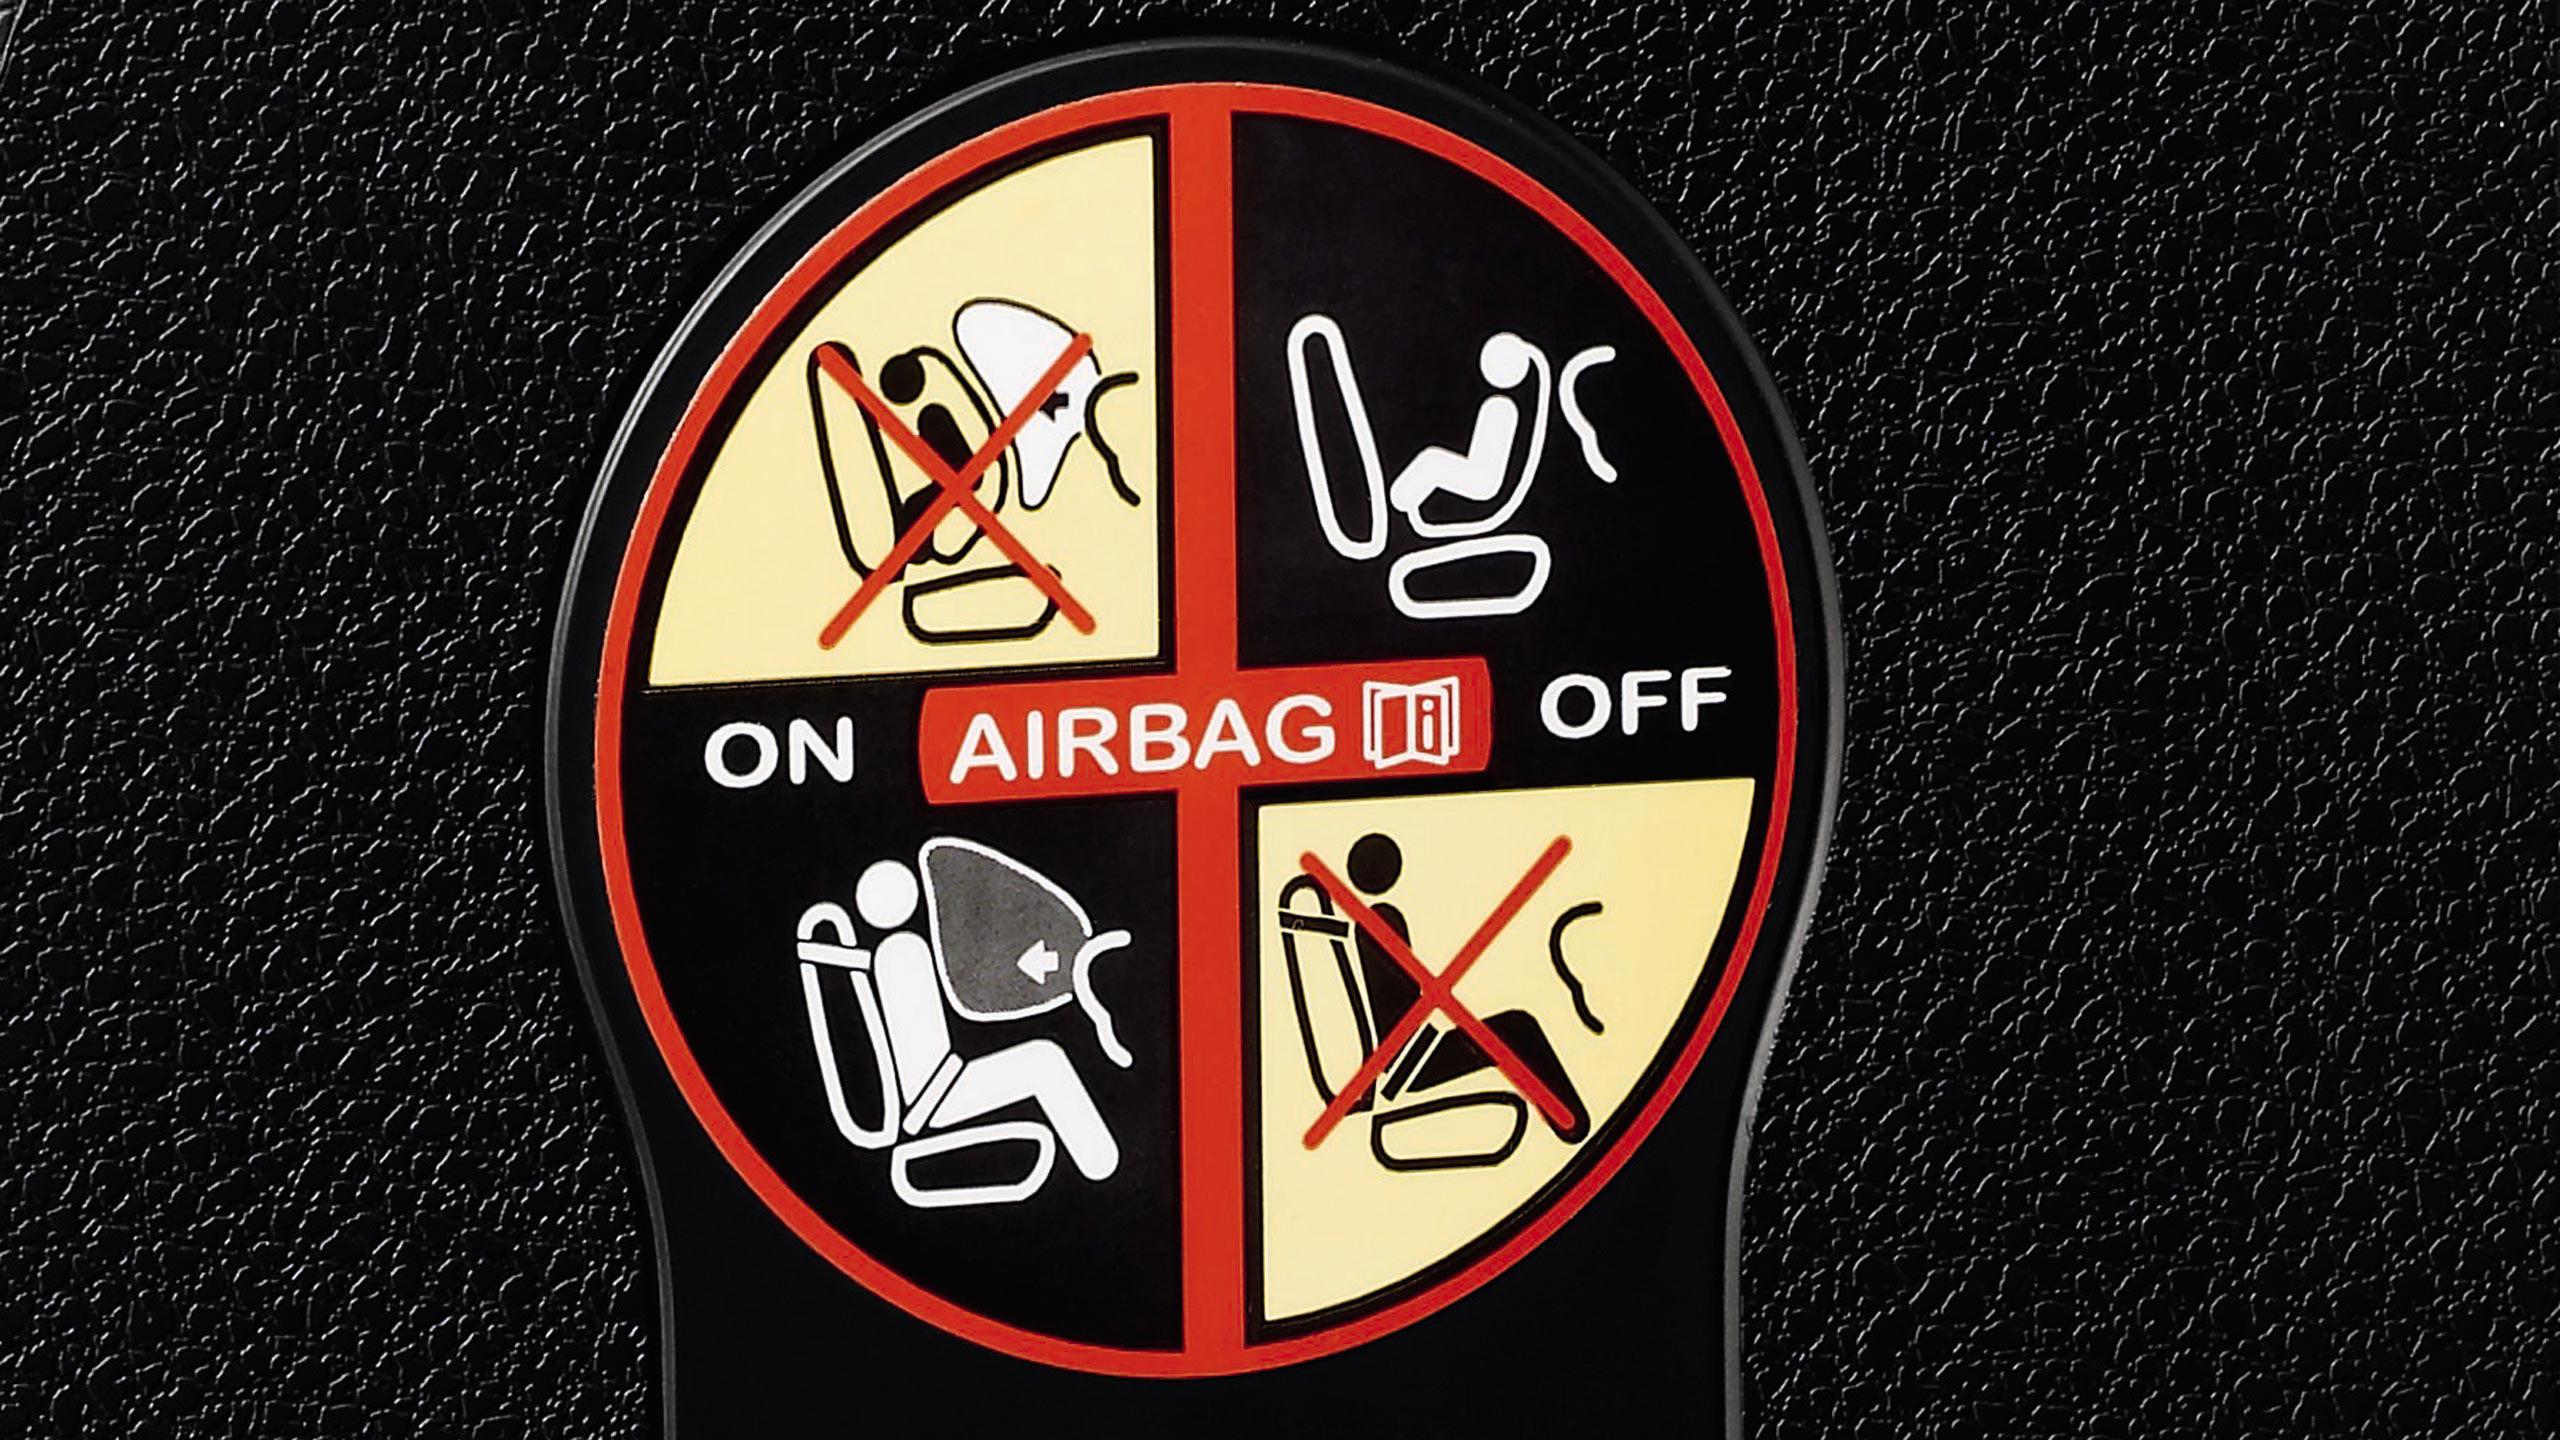 Passagiersairbag uitschakelbaar